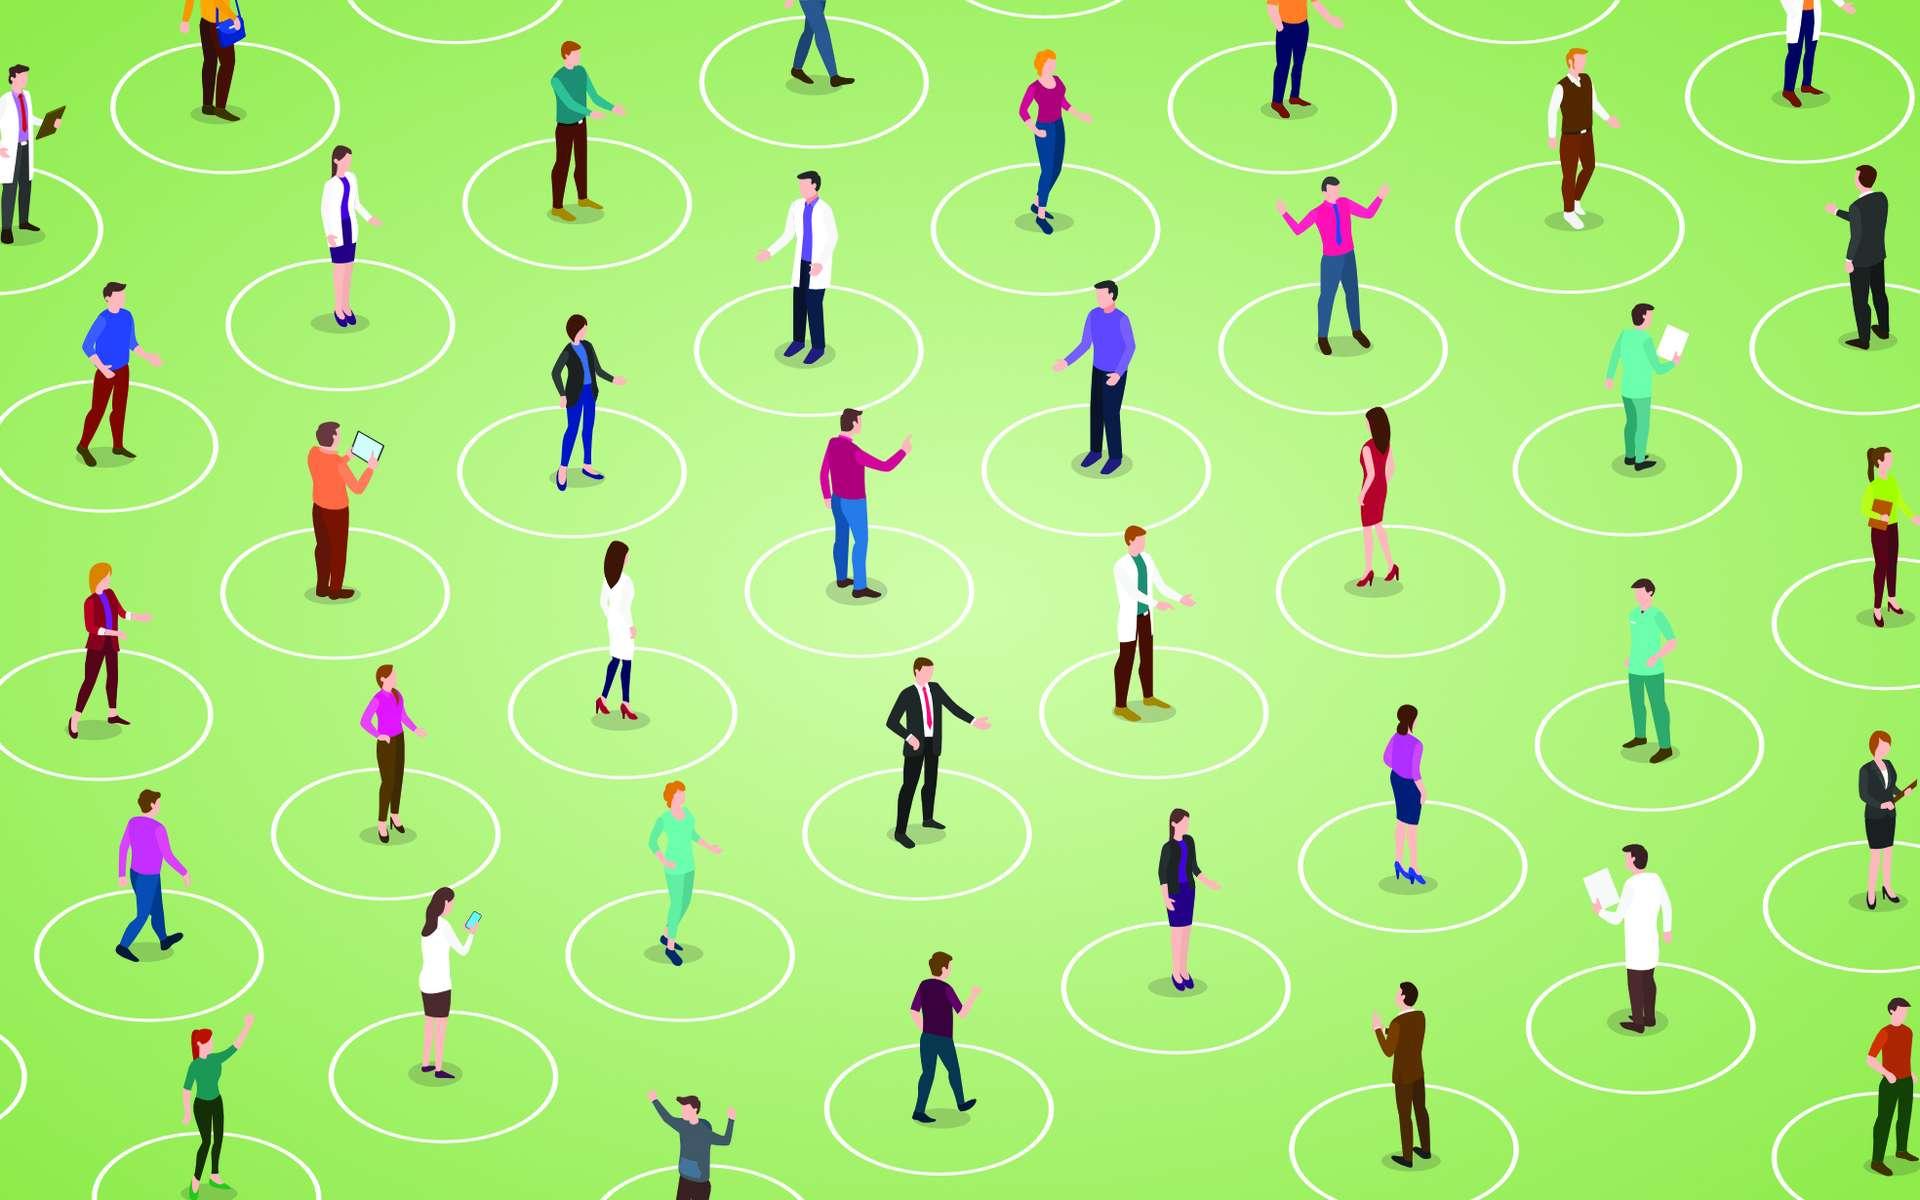 Comment faire respecter la distance de sécurité réglementaire ? Les idées les plus insolites. © fatmawati, Adobe Stock